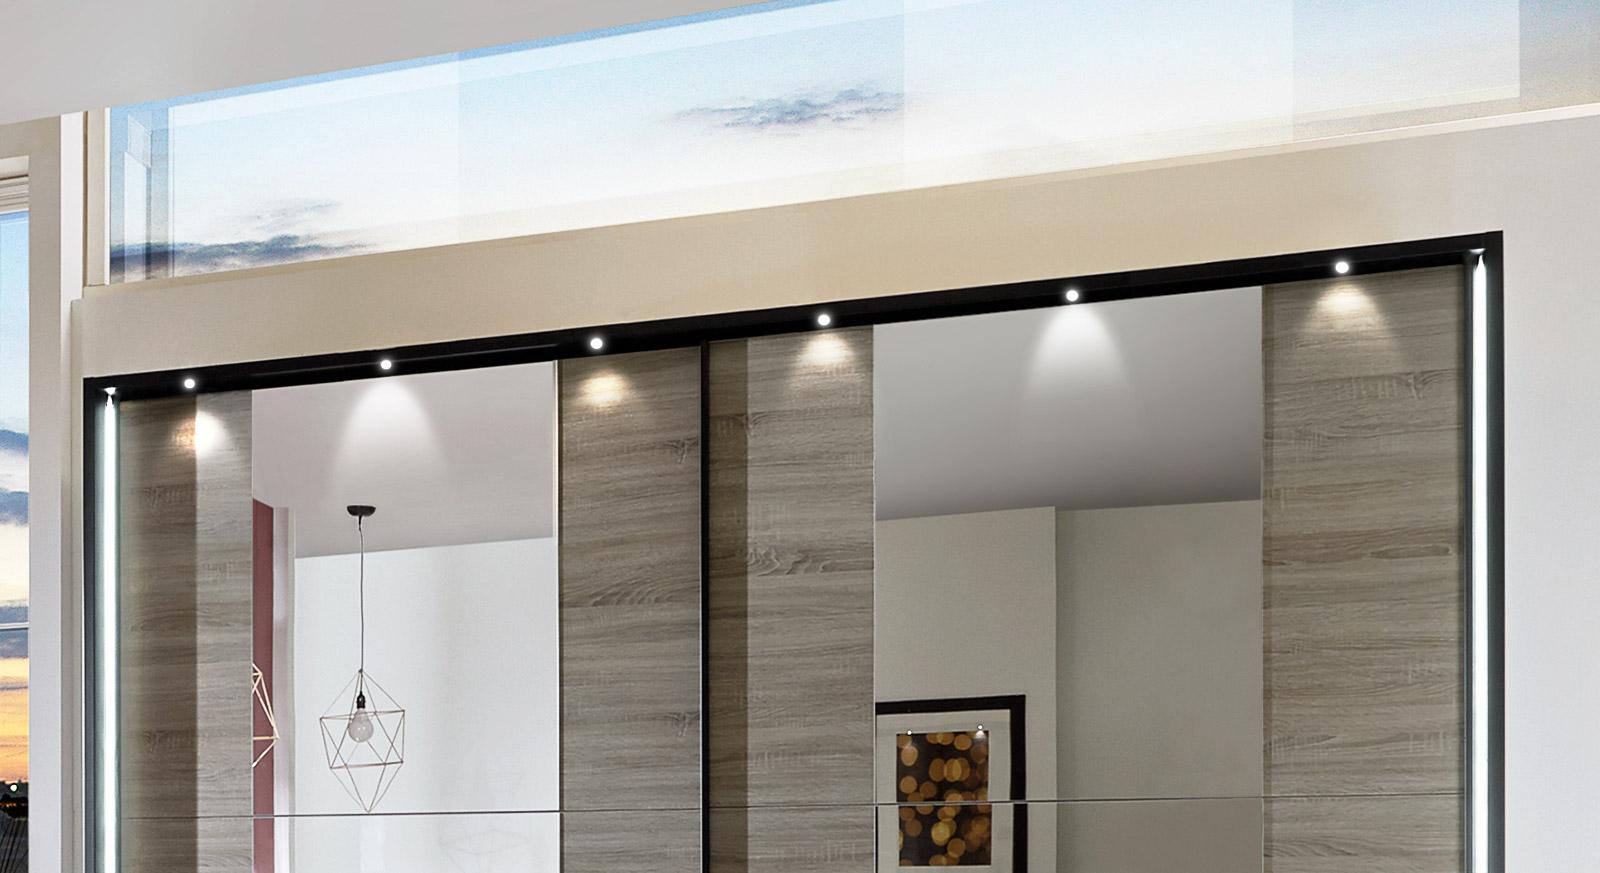 schrank bauen lassen schrank bauen dachschr ge schrank. Black Bedroom Furniture Sets. Home Design Ideas